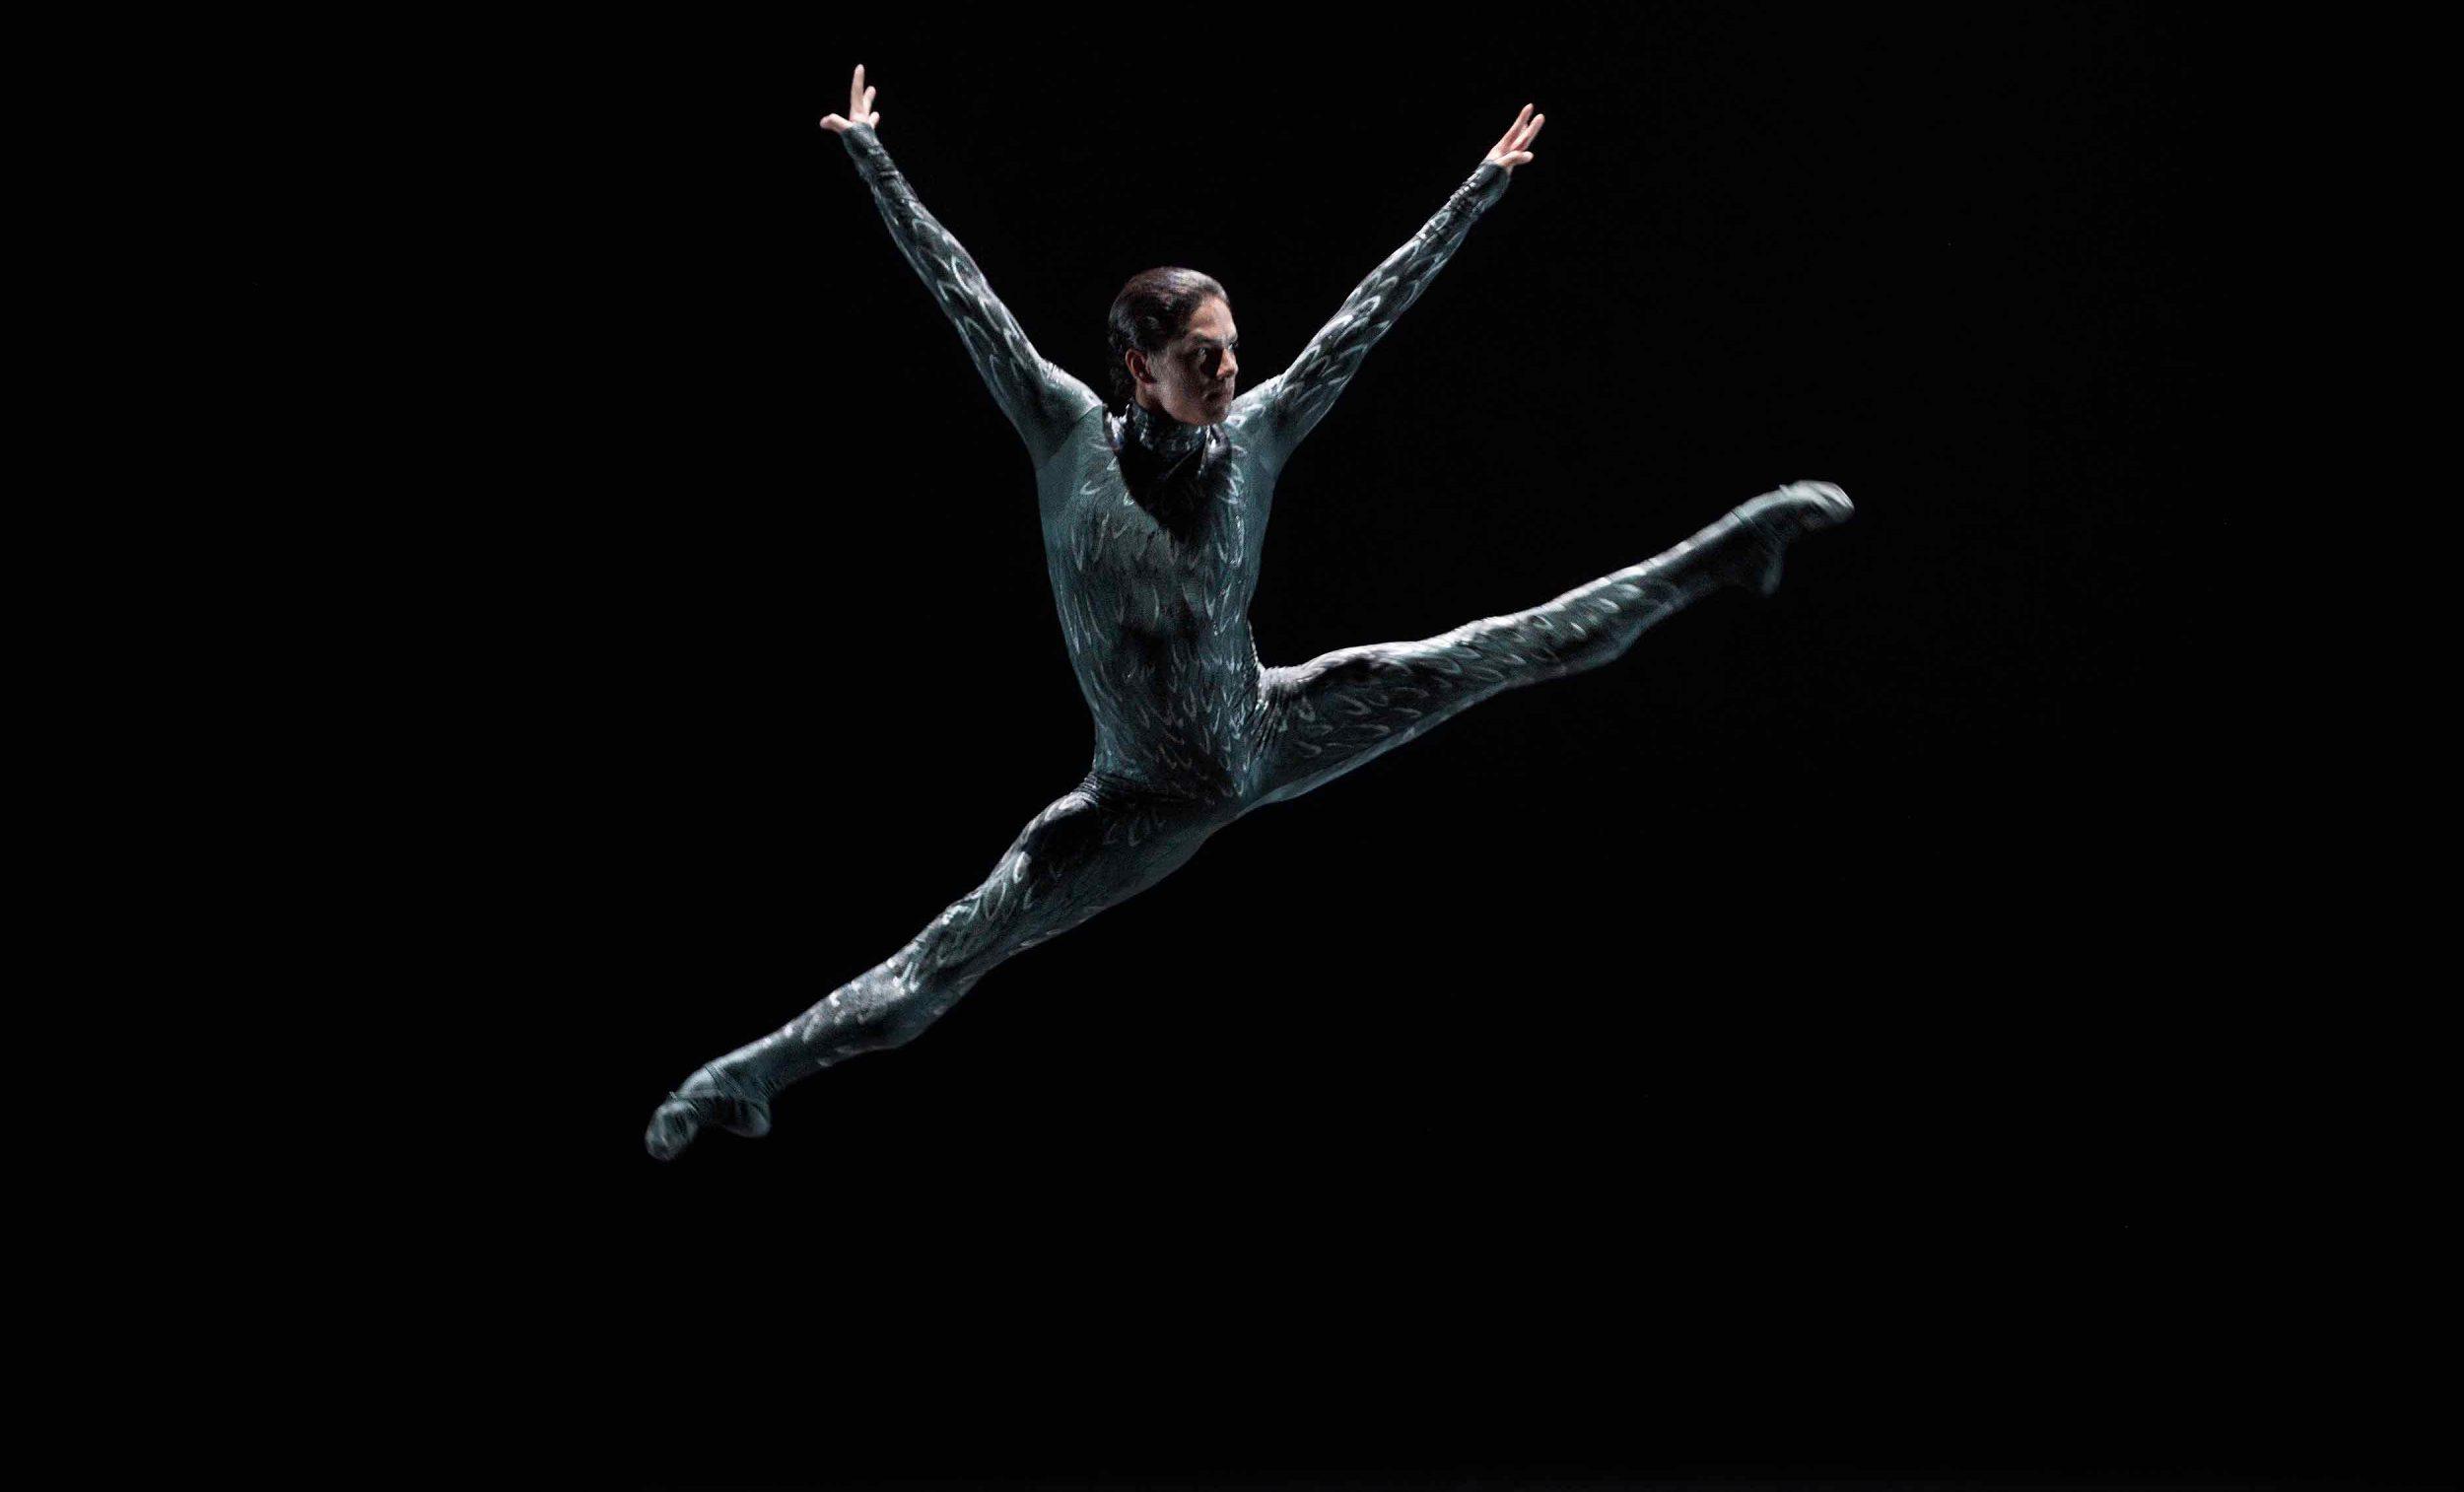 Isaac-Hernandez-in-Fantastic-Beings-by-Aszure-Barton-©-Laurent-Liotardo